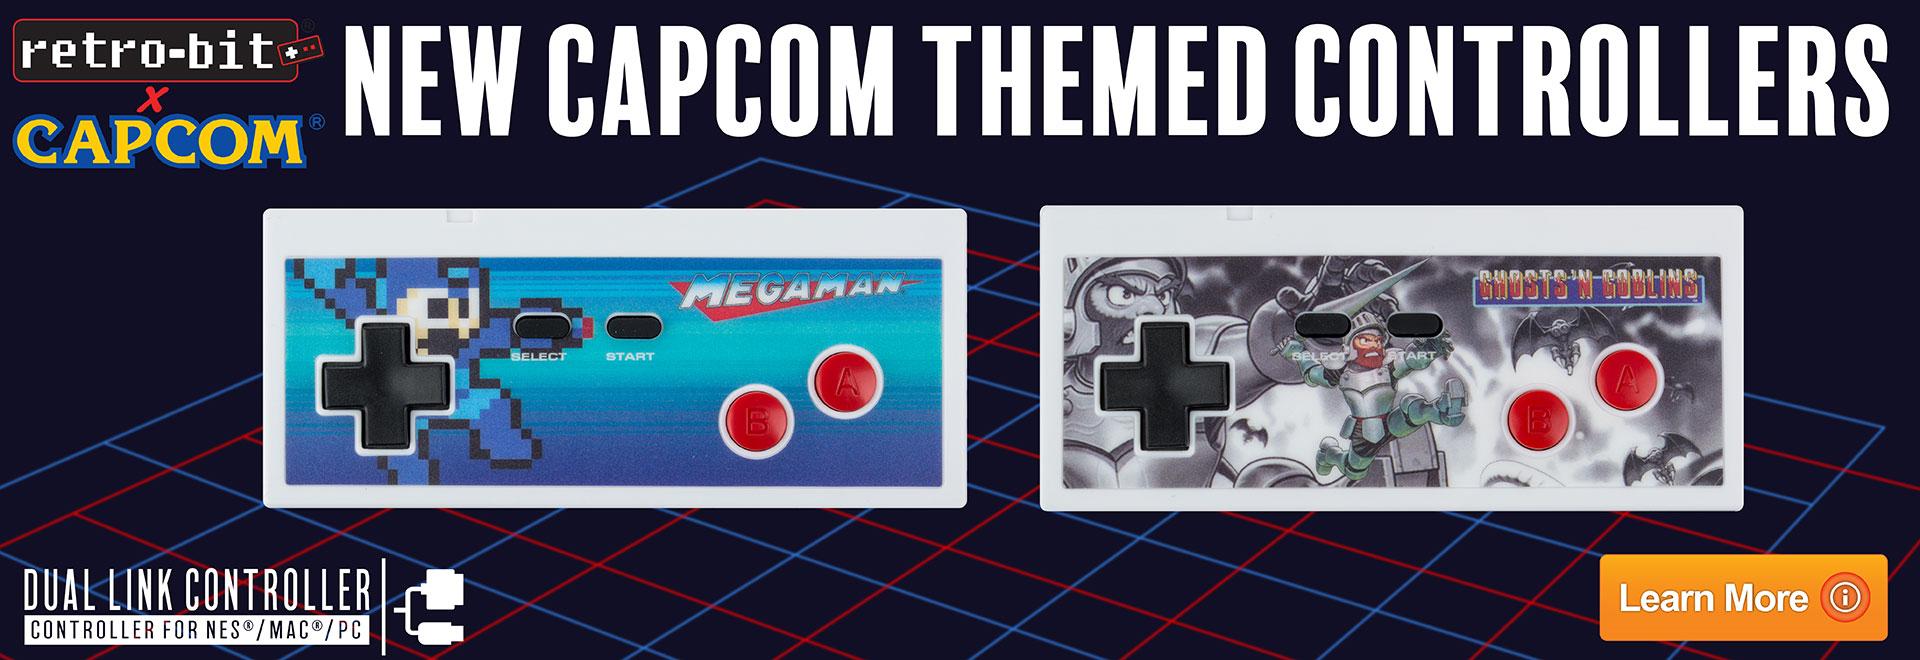 Retro-bit Capcom Controllers